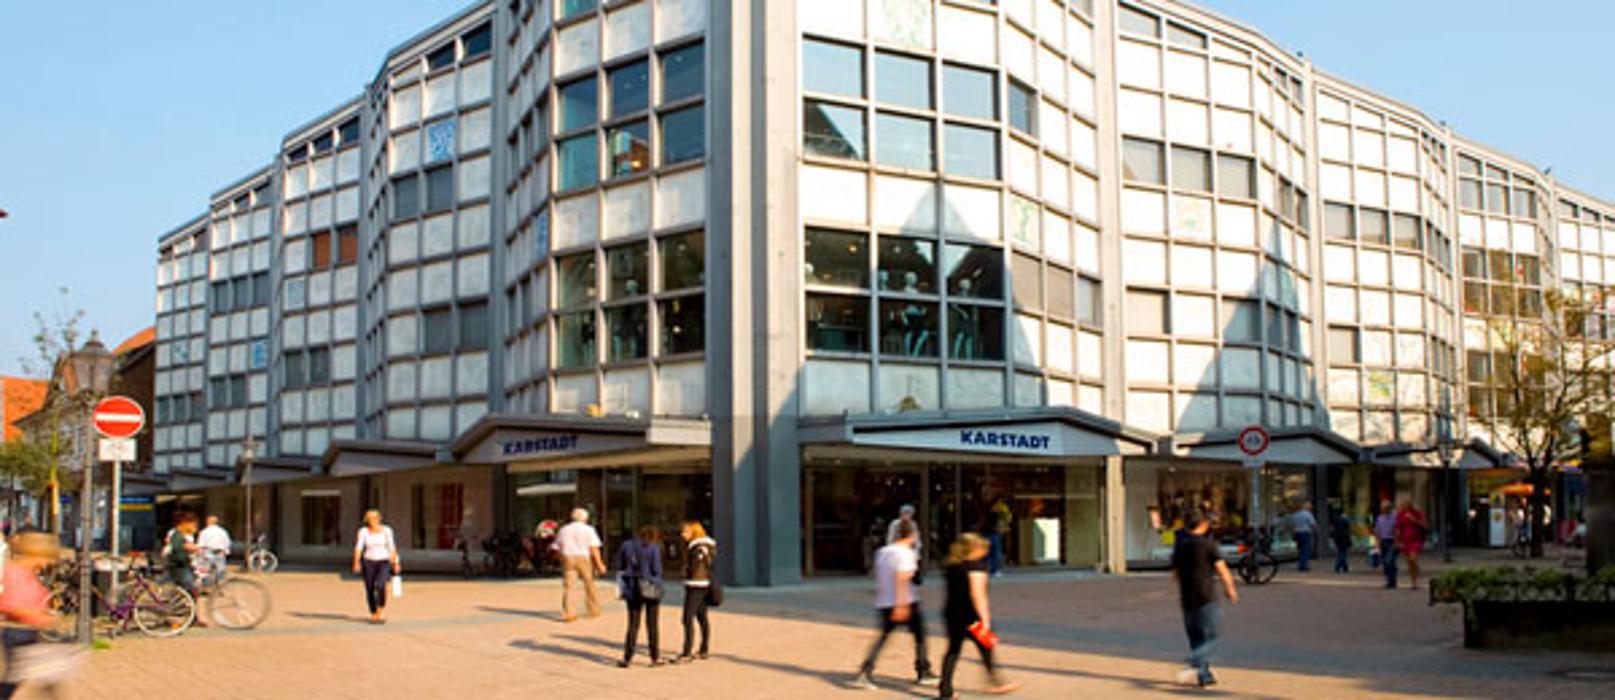 GALERIA (Karstadt) Celle, Bergstraße in Celle